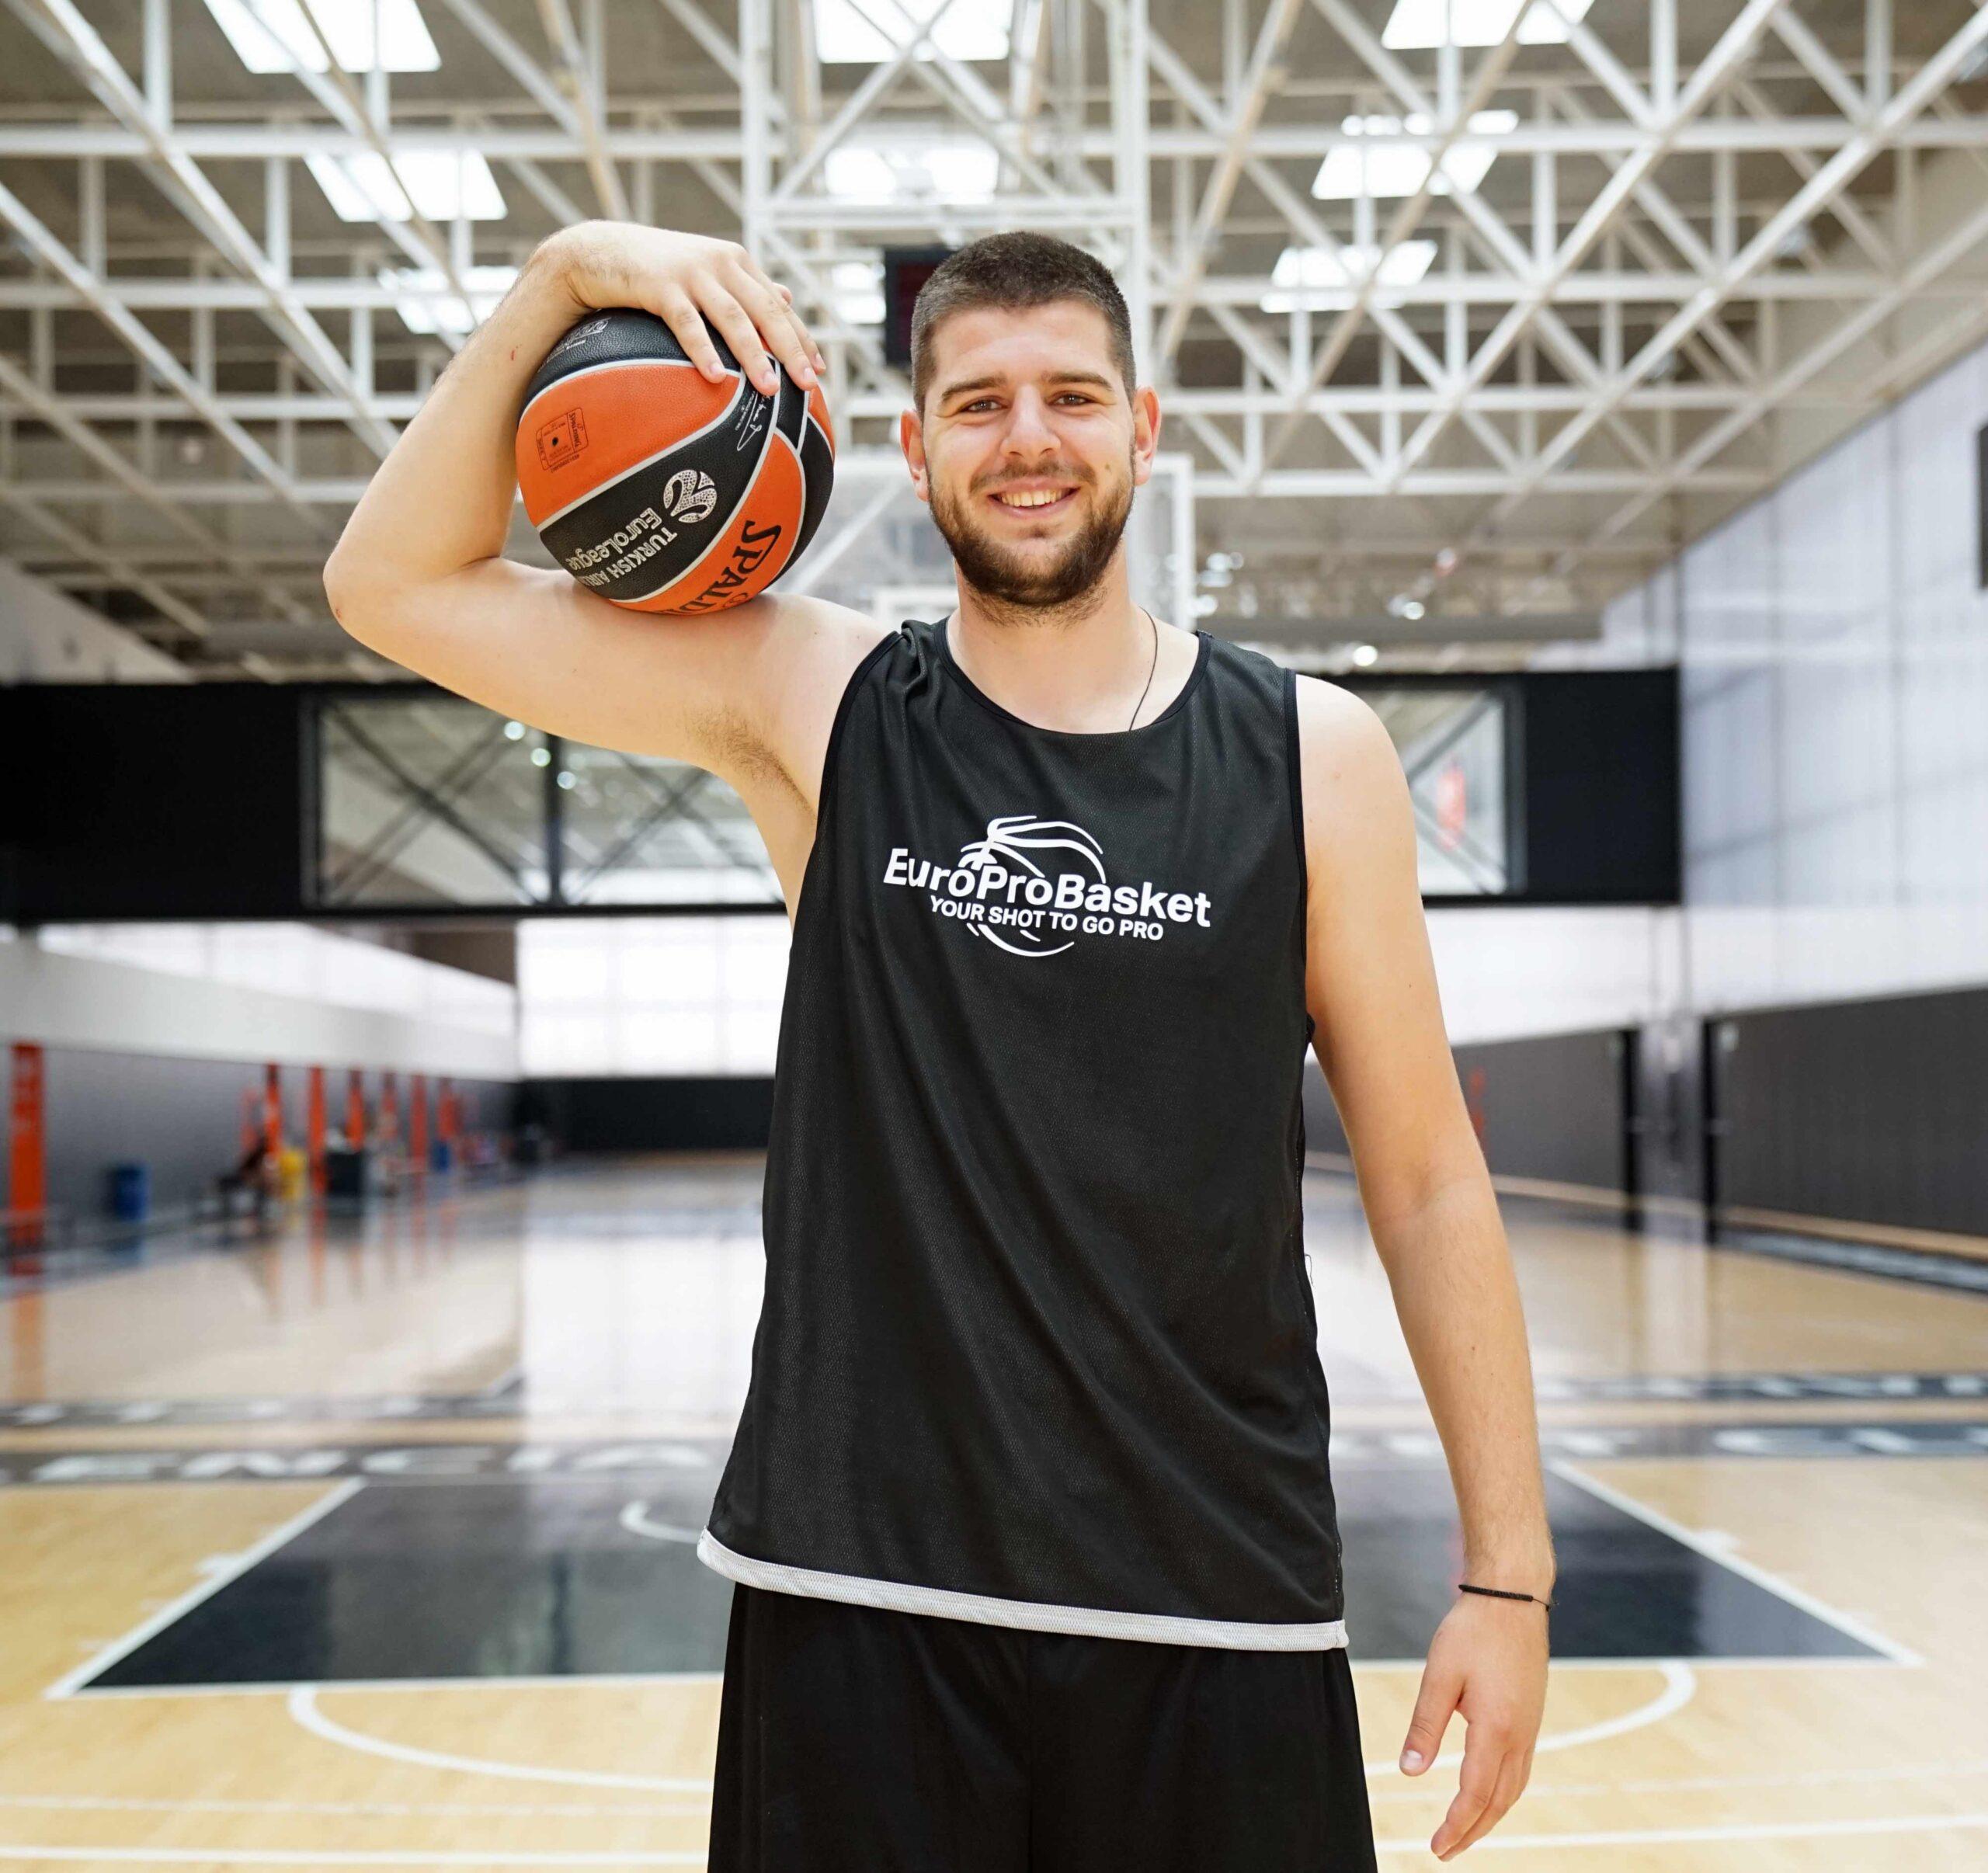 EuroProBasket Spain Milan Pavlovic